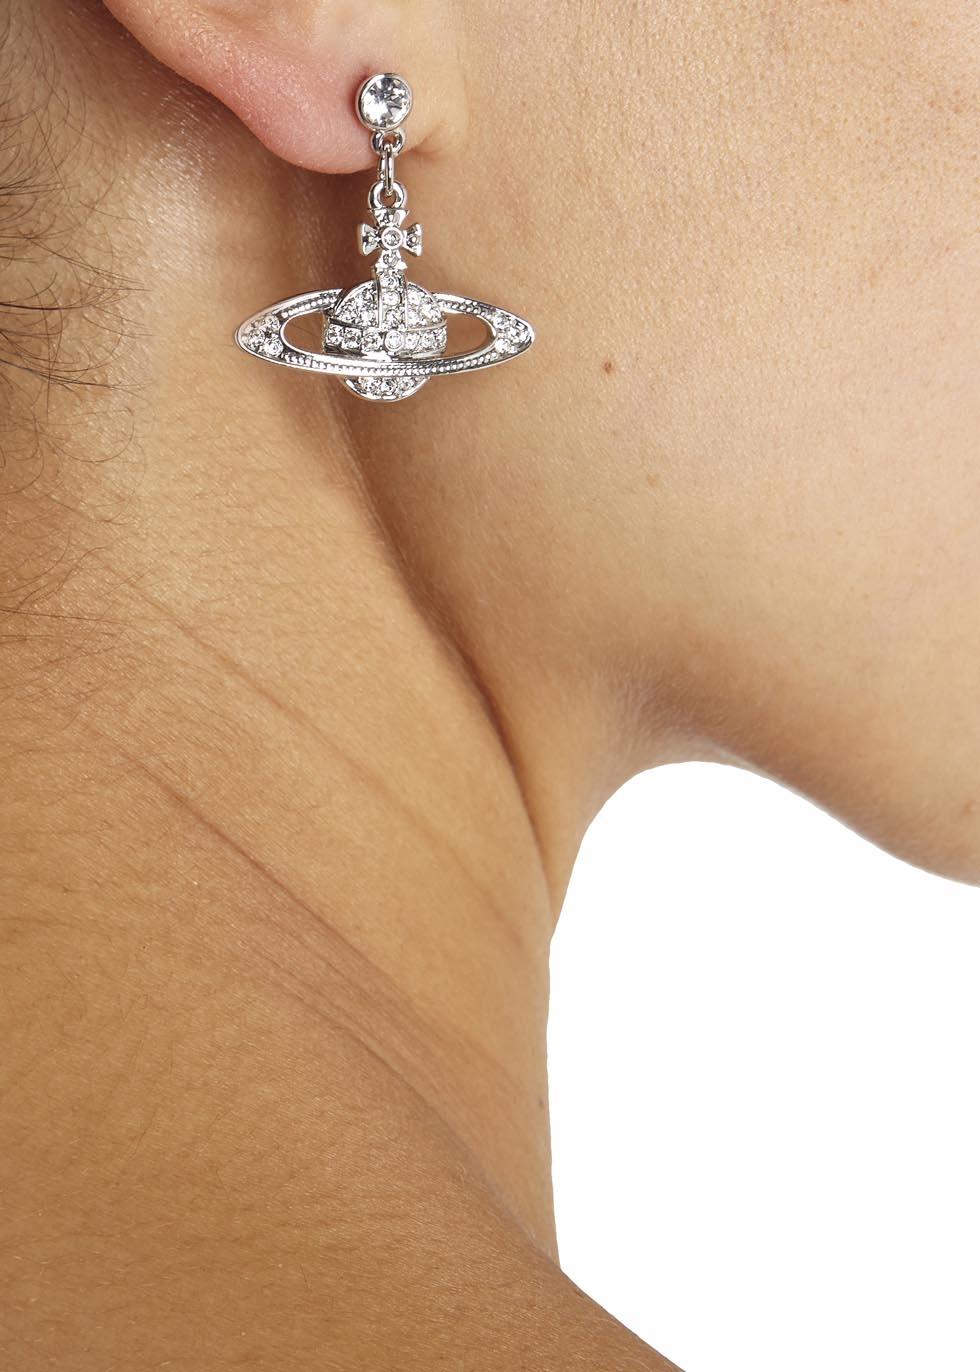 ca09659c0 Vivienne Westwood Grace Bas Relief Swarovski Orb Earrings in ...